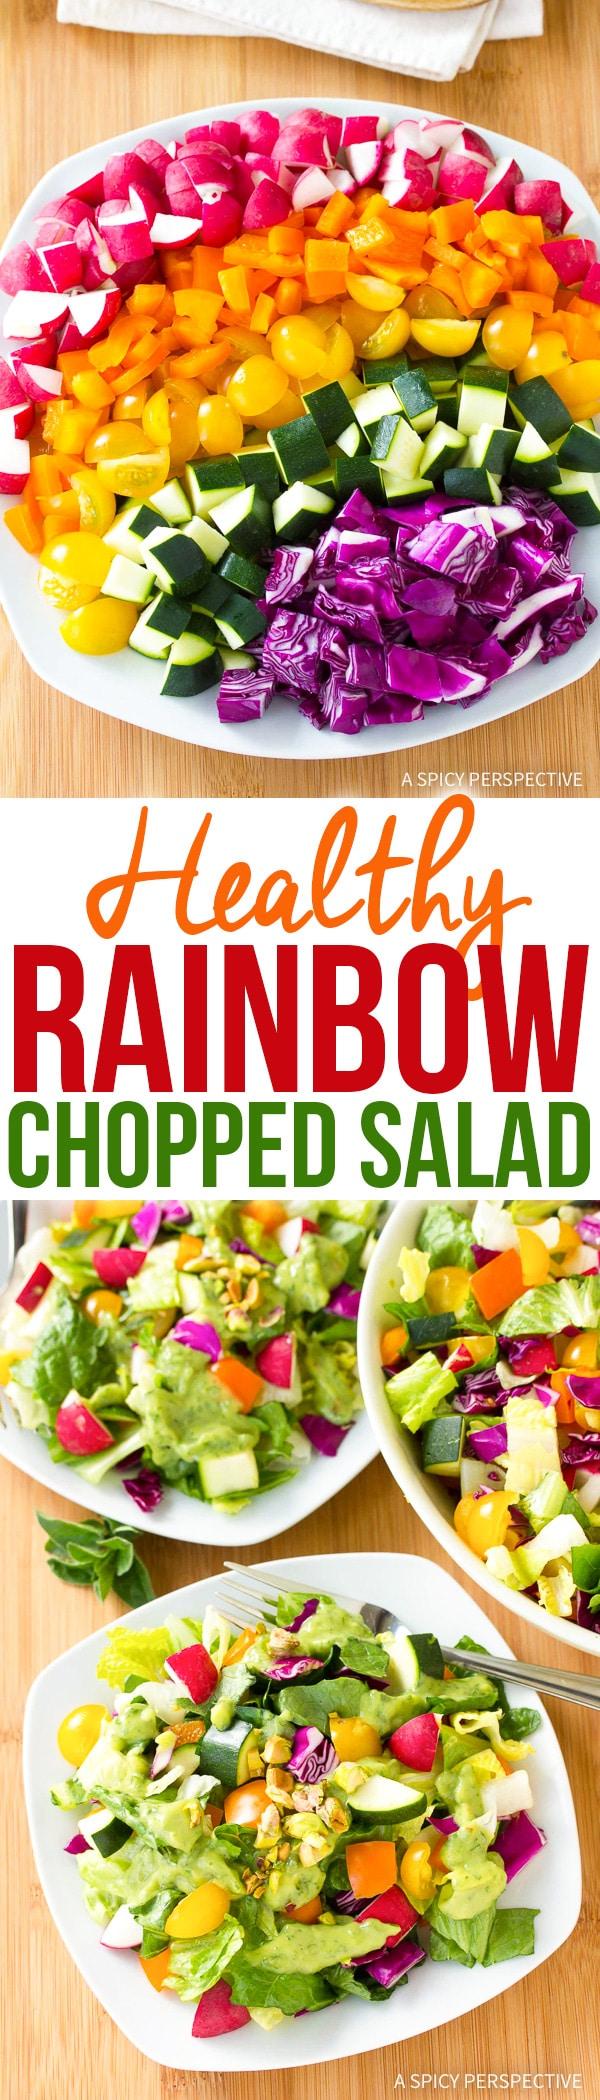 Healthy Crunchy Rainbow Chopped Salad Recipe